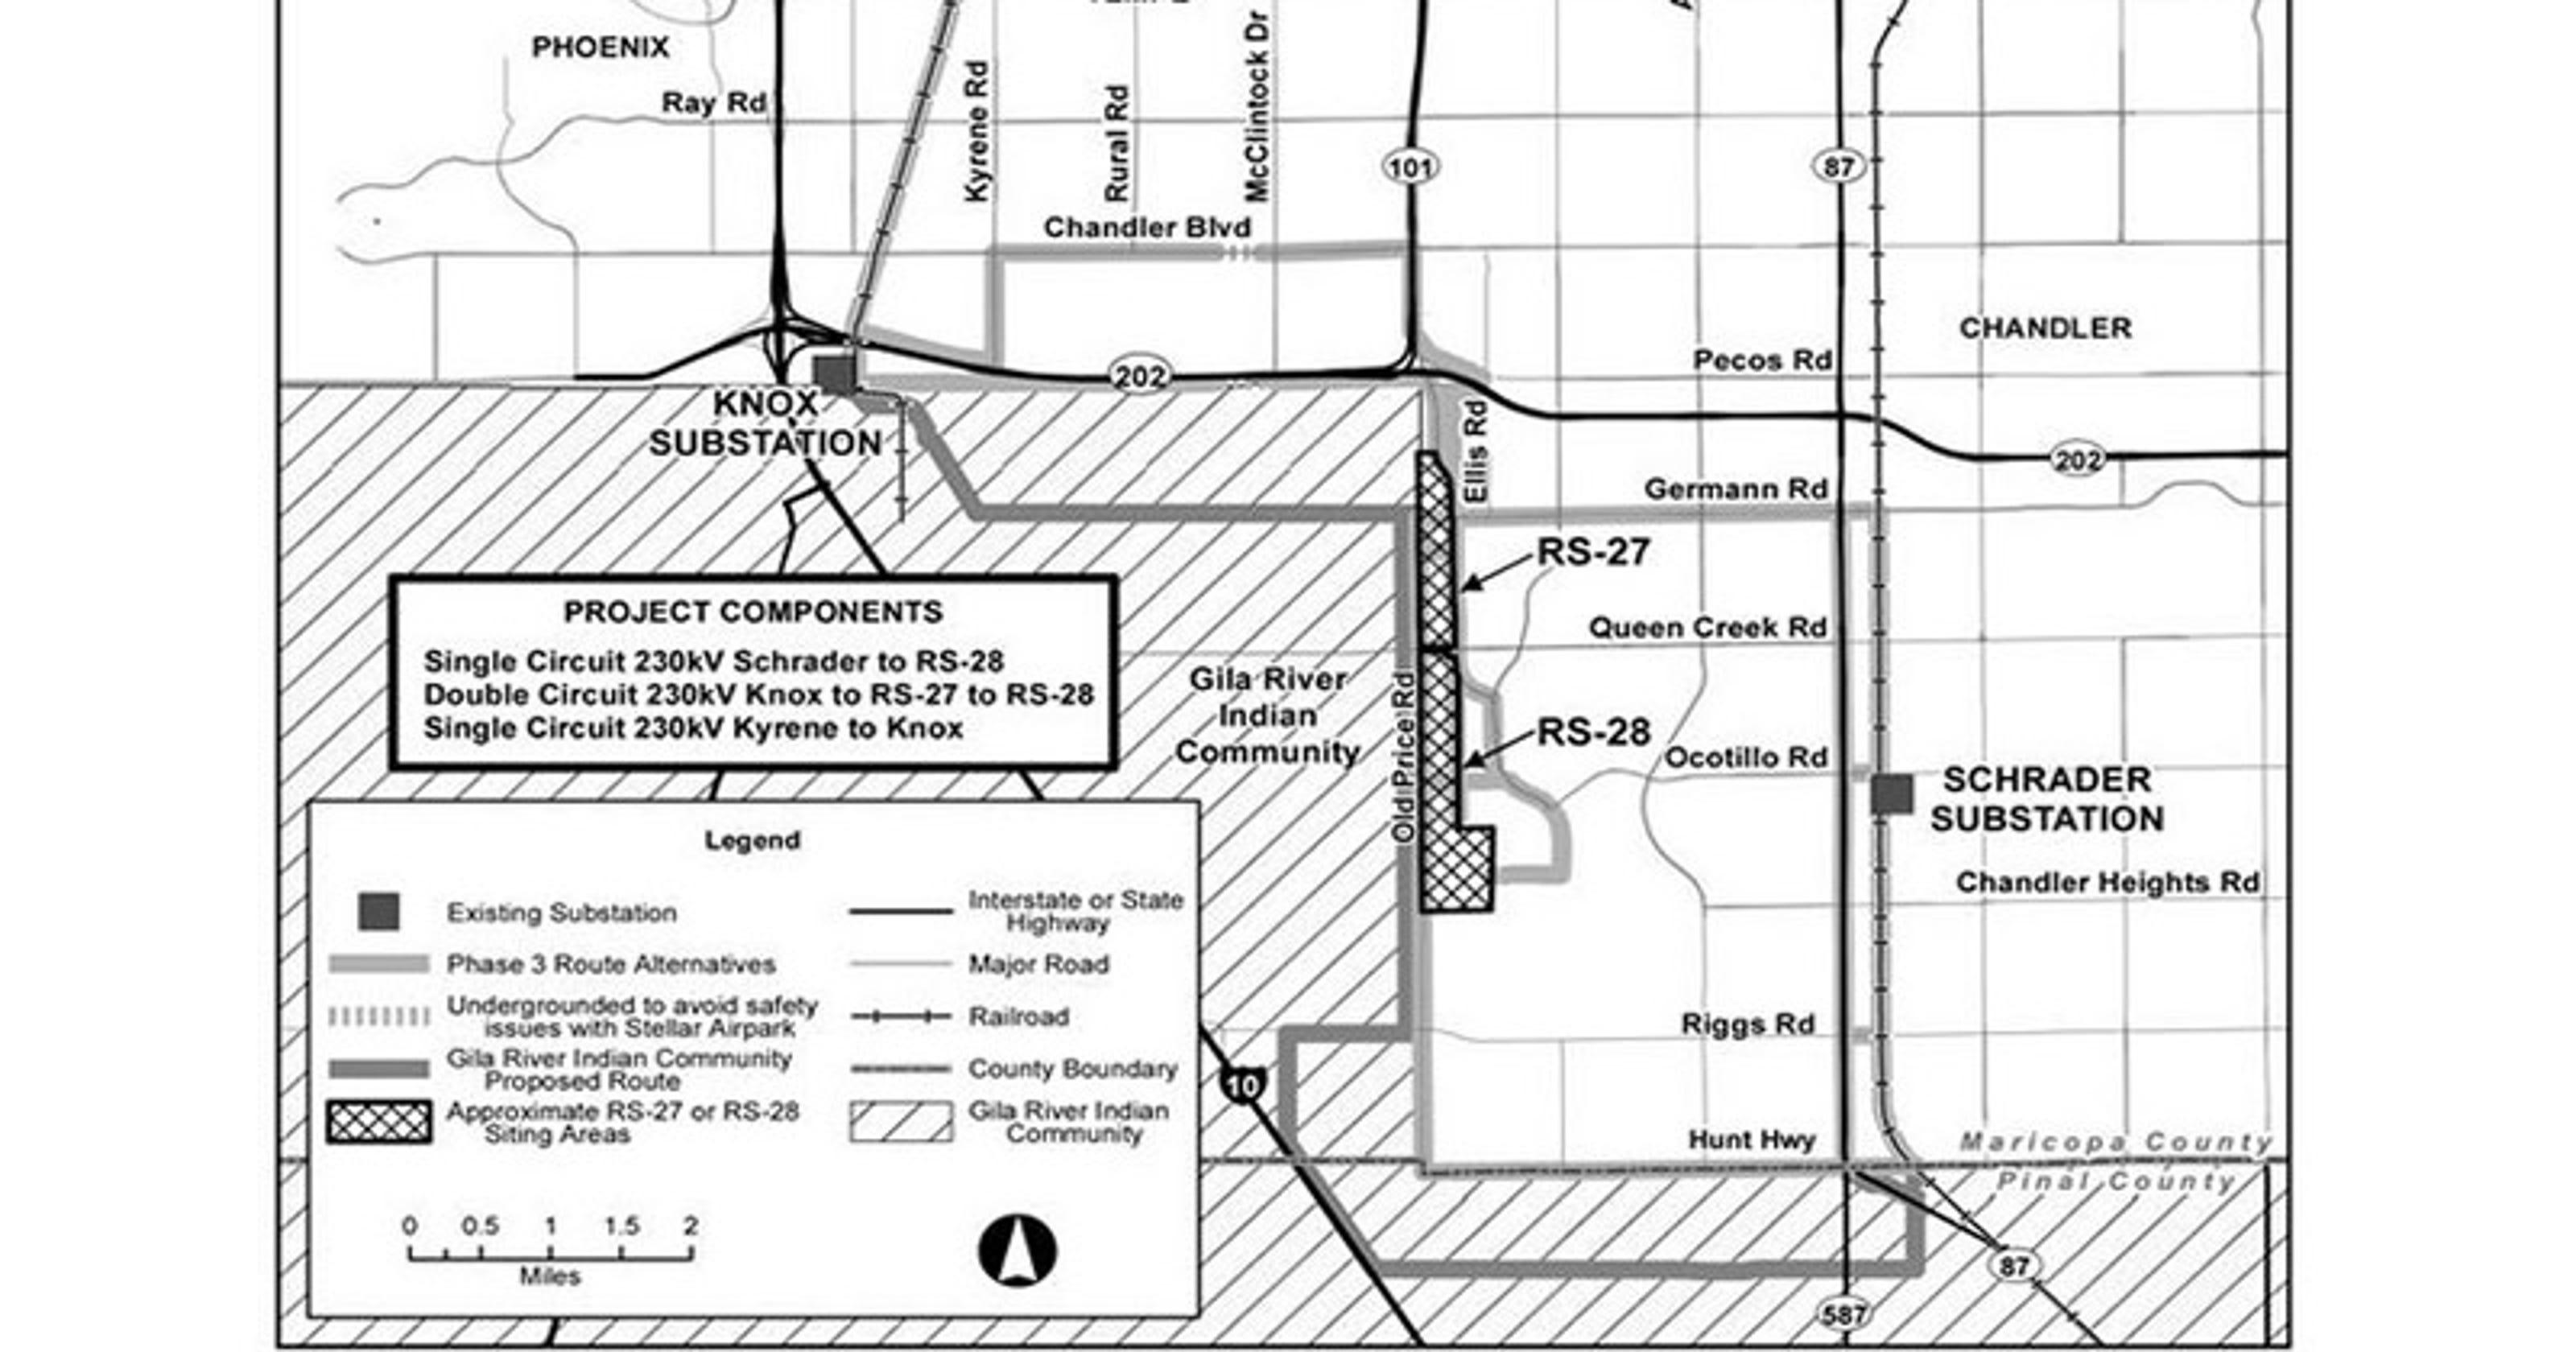 SRP updates Chandler high-voltage power line proposal